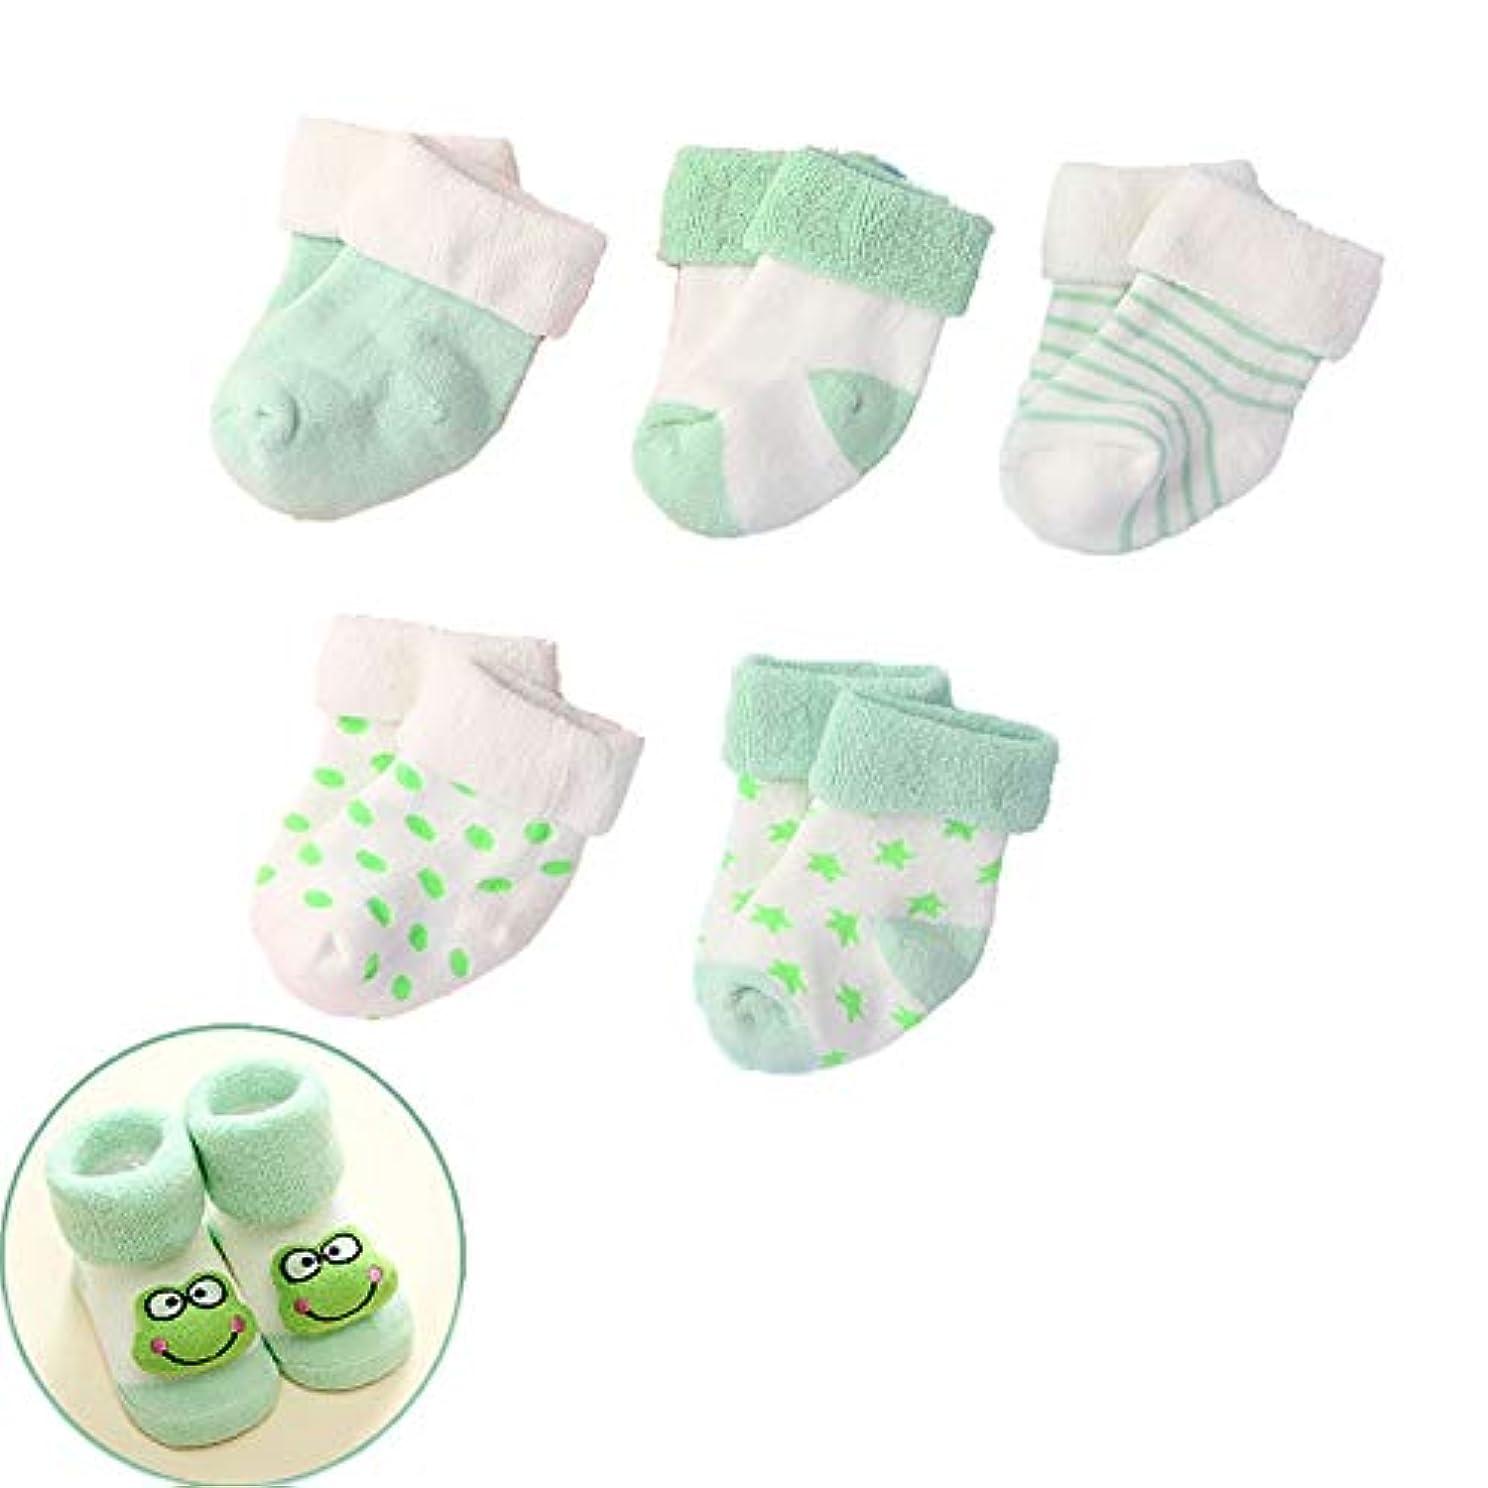 言い聞かせる遺伝子一般的にノンスキッド足首コットンソックス0-24ヶ月の赤ちゃんのために、5-ペア (色 : 緑, サイズ : 0-6 Months)